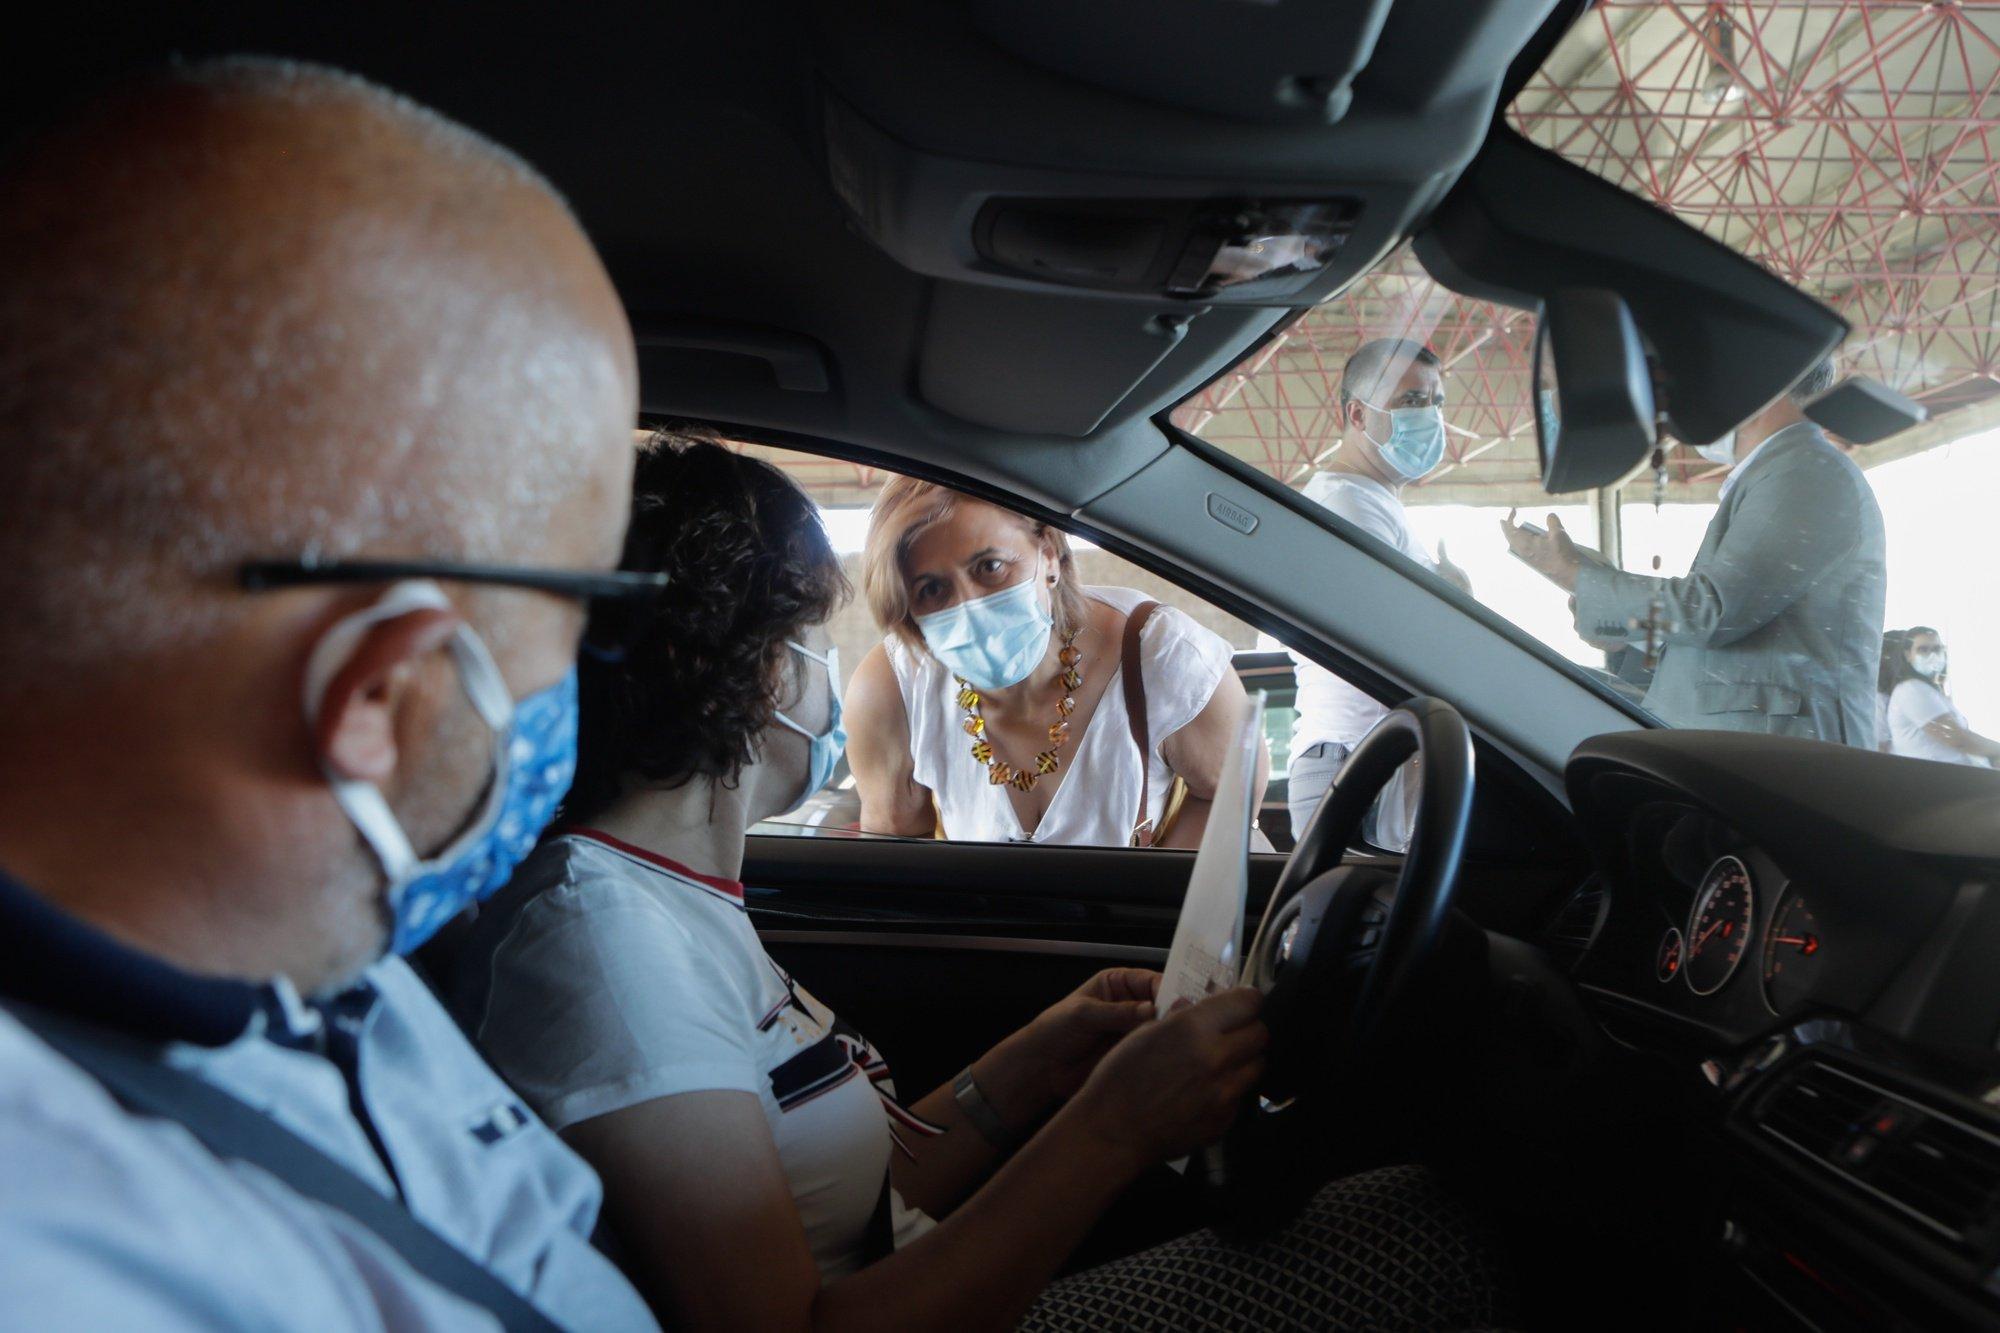 """A Cap Magellan, principal associação de jovens luso-descendentes em França, que organiza a ação pelo 18º ano consecutivo. A campanha é dirigida aos portugueses e luso-descendentes, residentes em França, que se deslocam de carro a Portugal durante as férias de Verão, durante a ação da campanha de segurança rodoviária """"Sécur'été 2020 – Verão Em Portugal"""" na Fronteira de Vilar Formoso MIGUEL PEREIRA DA SILVA/LUSA"""